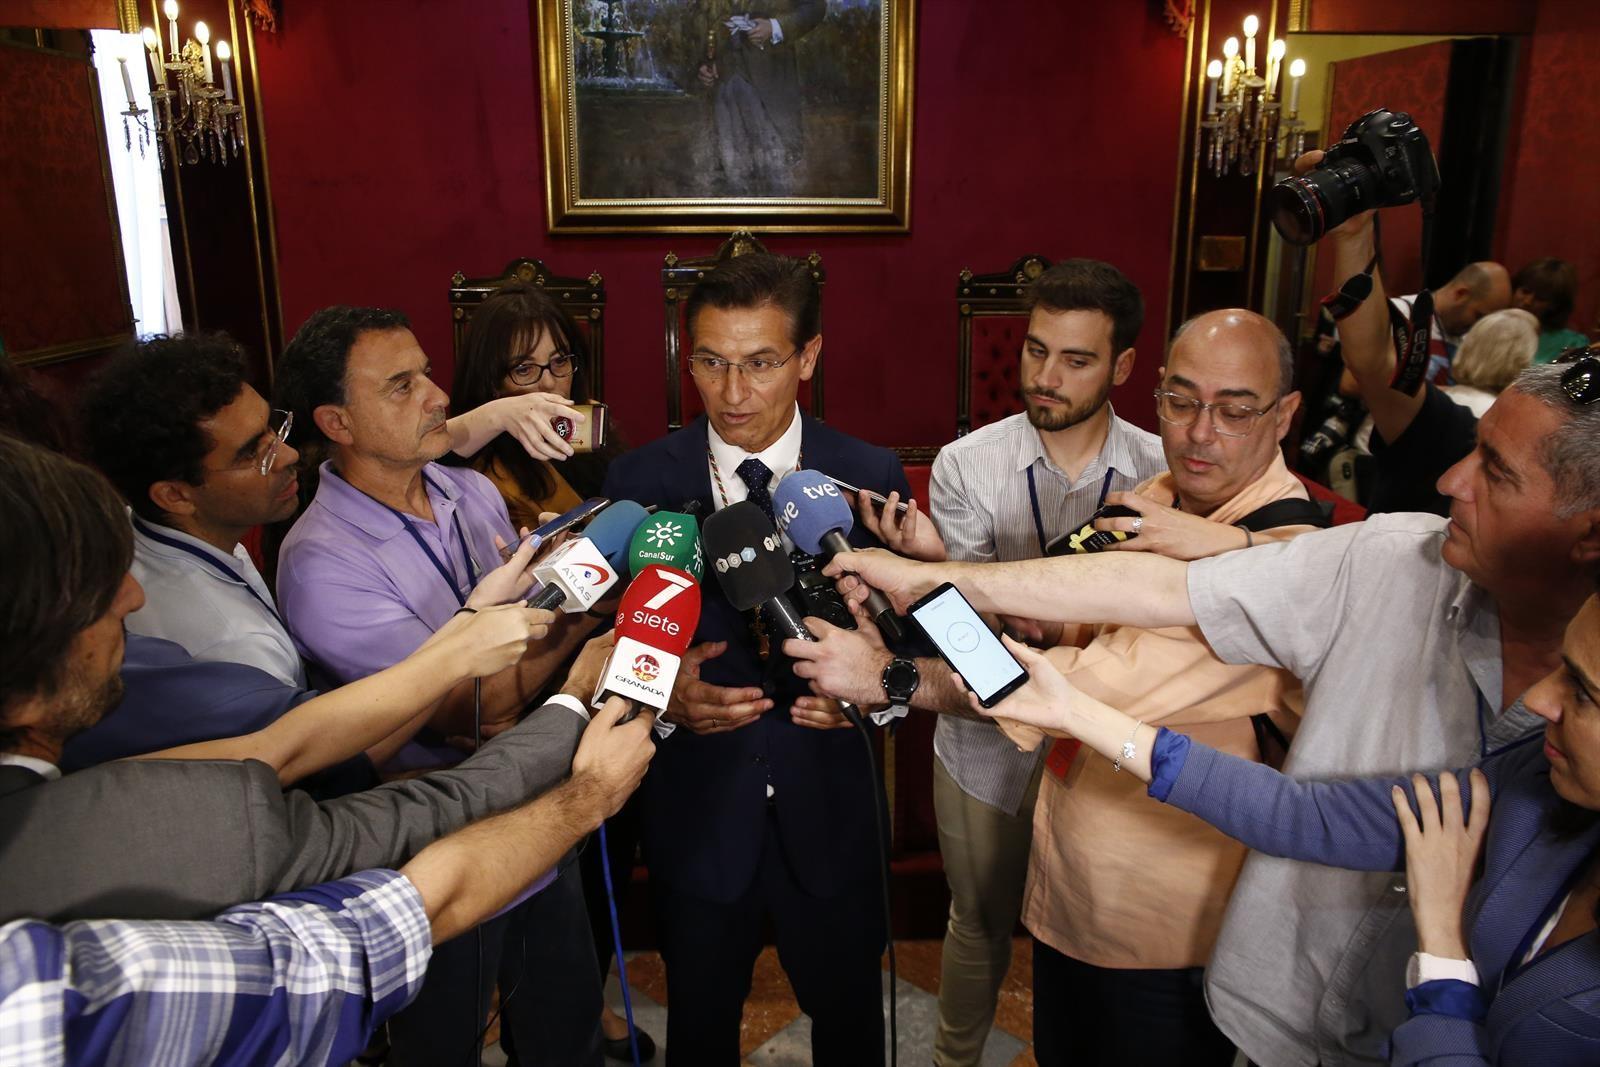 Luis Salvador, TG7, Vox y la promesa de cerrar las televisiones públicas